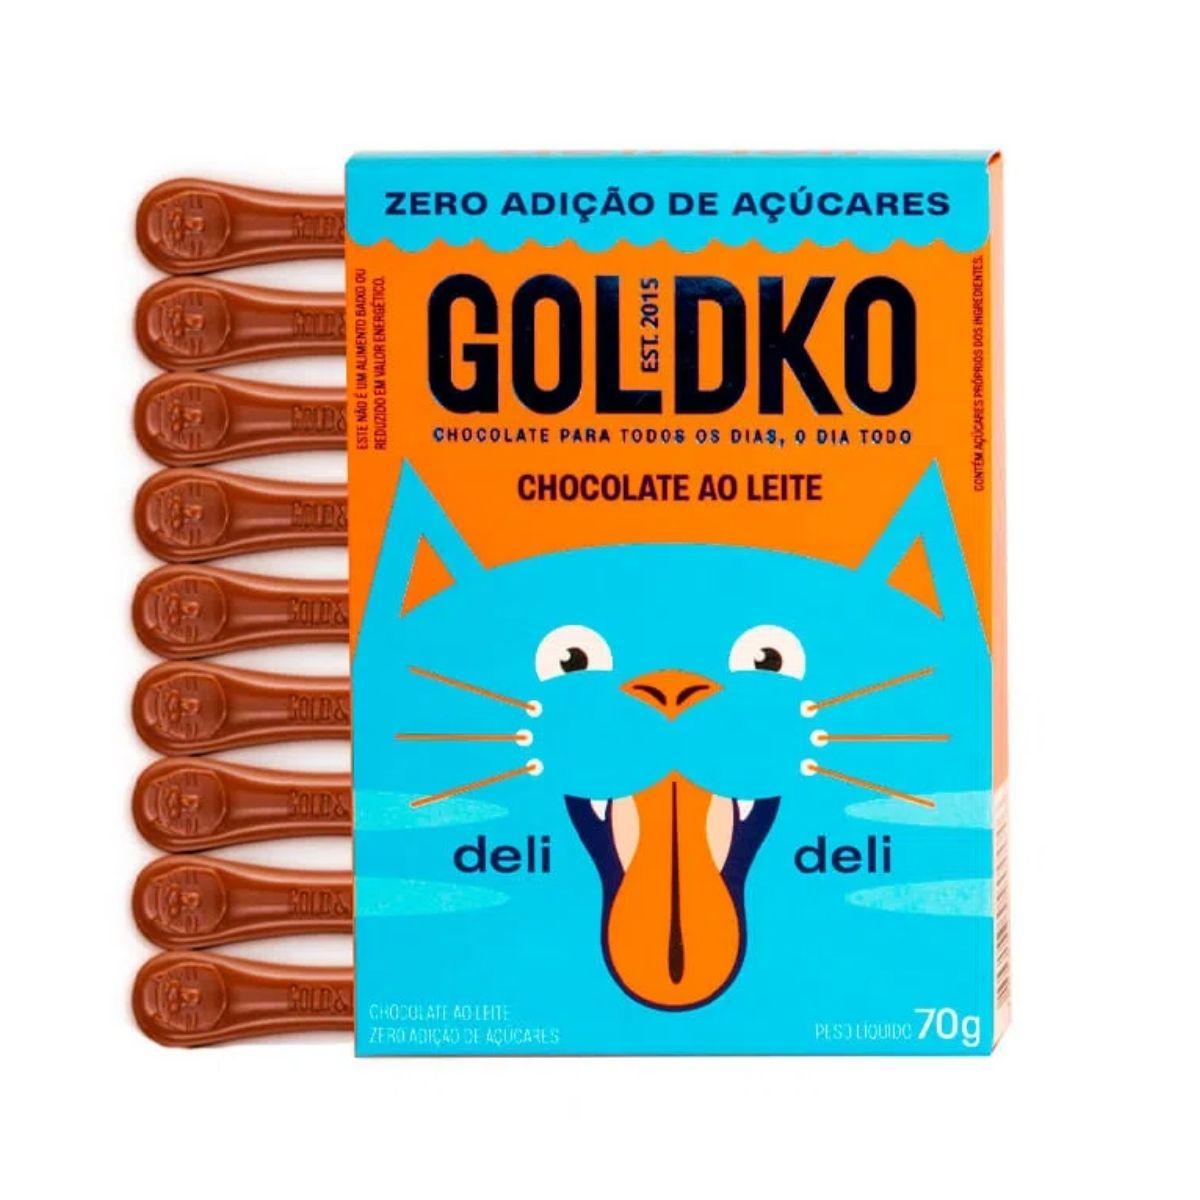 Display Chocolate Ao Leite Língua De Gato Zero Adição 70g Deli Deli Gold & Ko